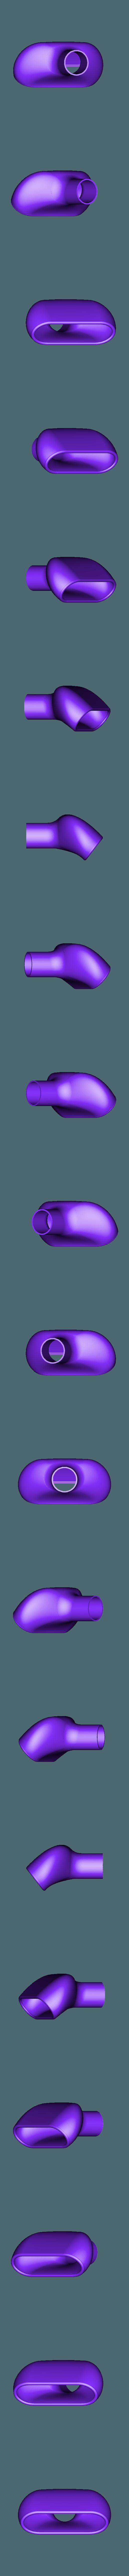 longhead.stl Télécharger fichier STL gratuit Têtes d'aspiration - accessoires pour aspirateurs de magasin • Design pour imprimante 3D, 3D_Printery_